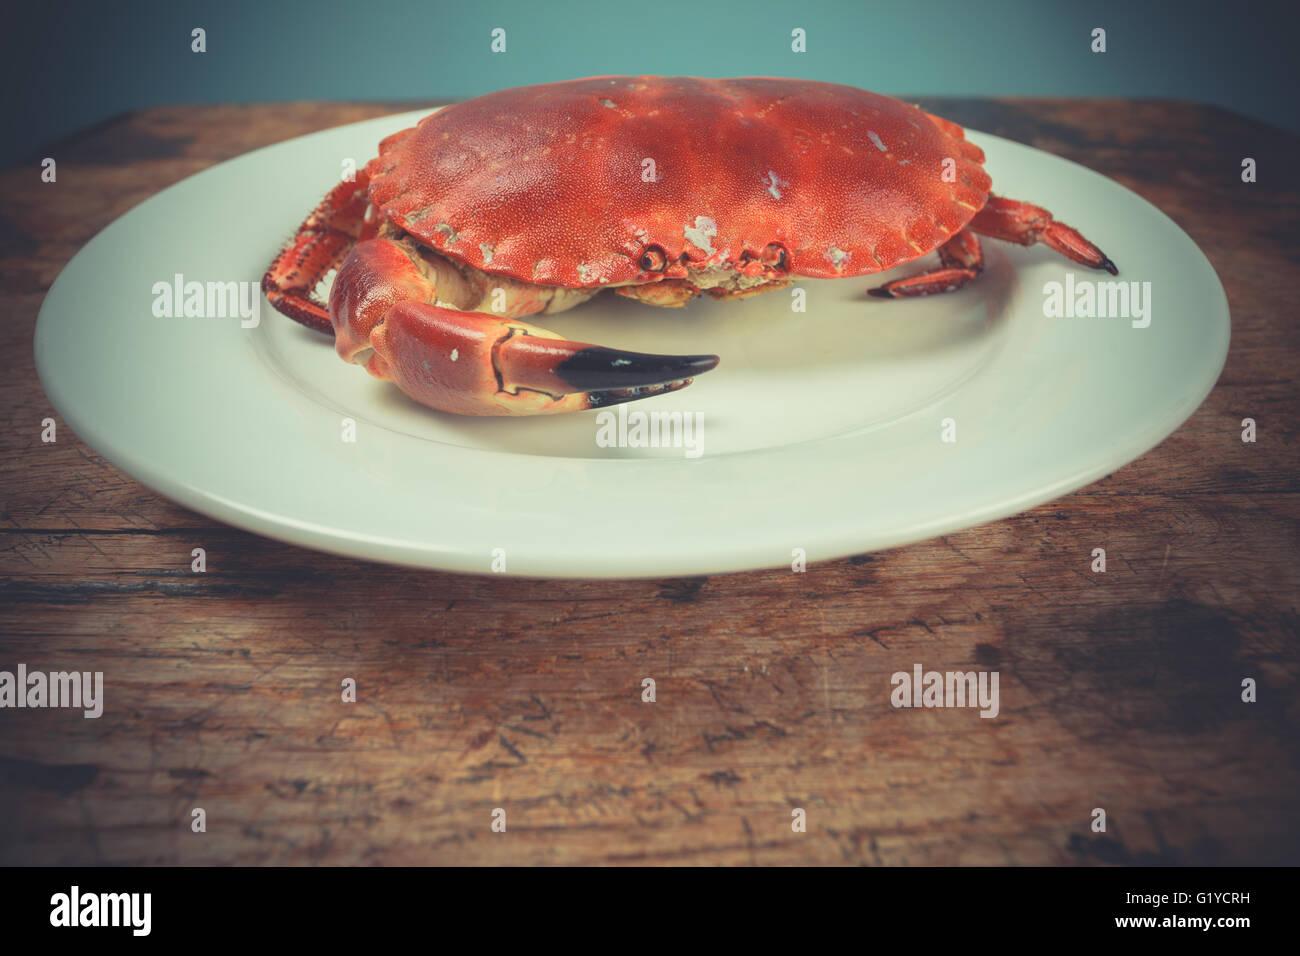 Un cangrejo rojo en una placa Foto de stock